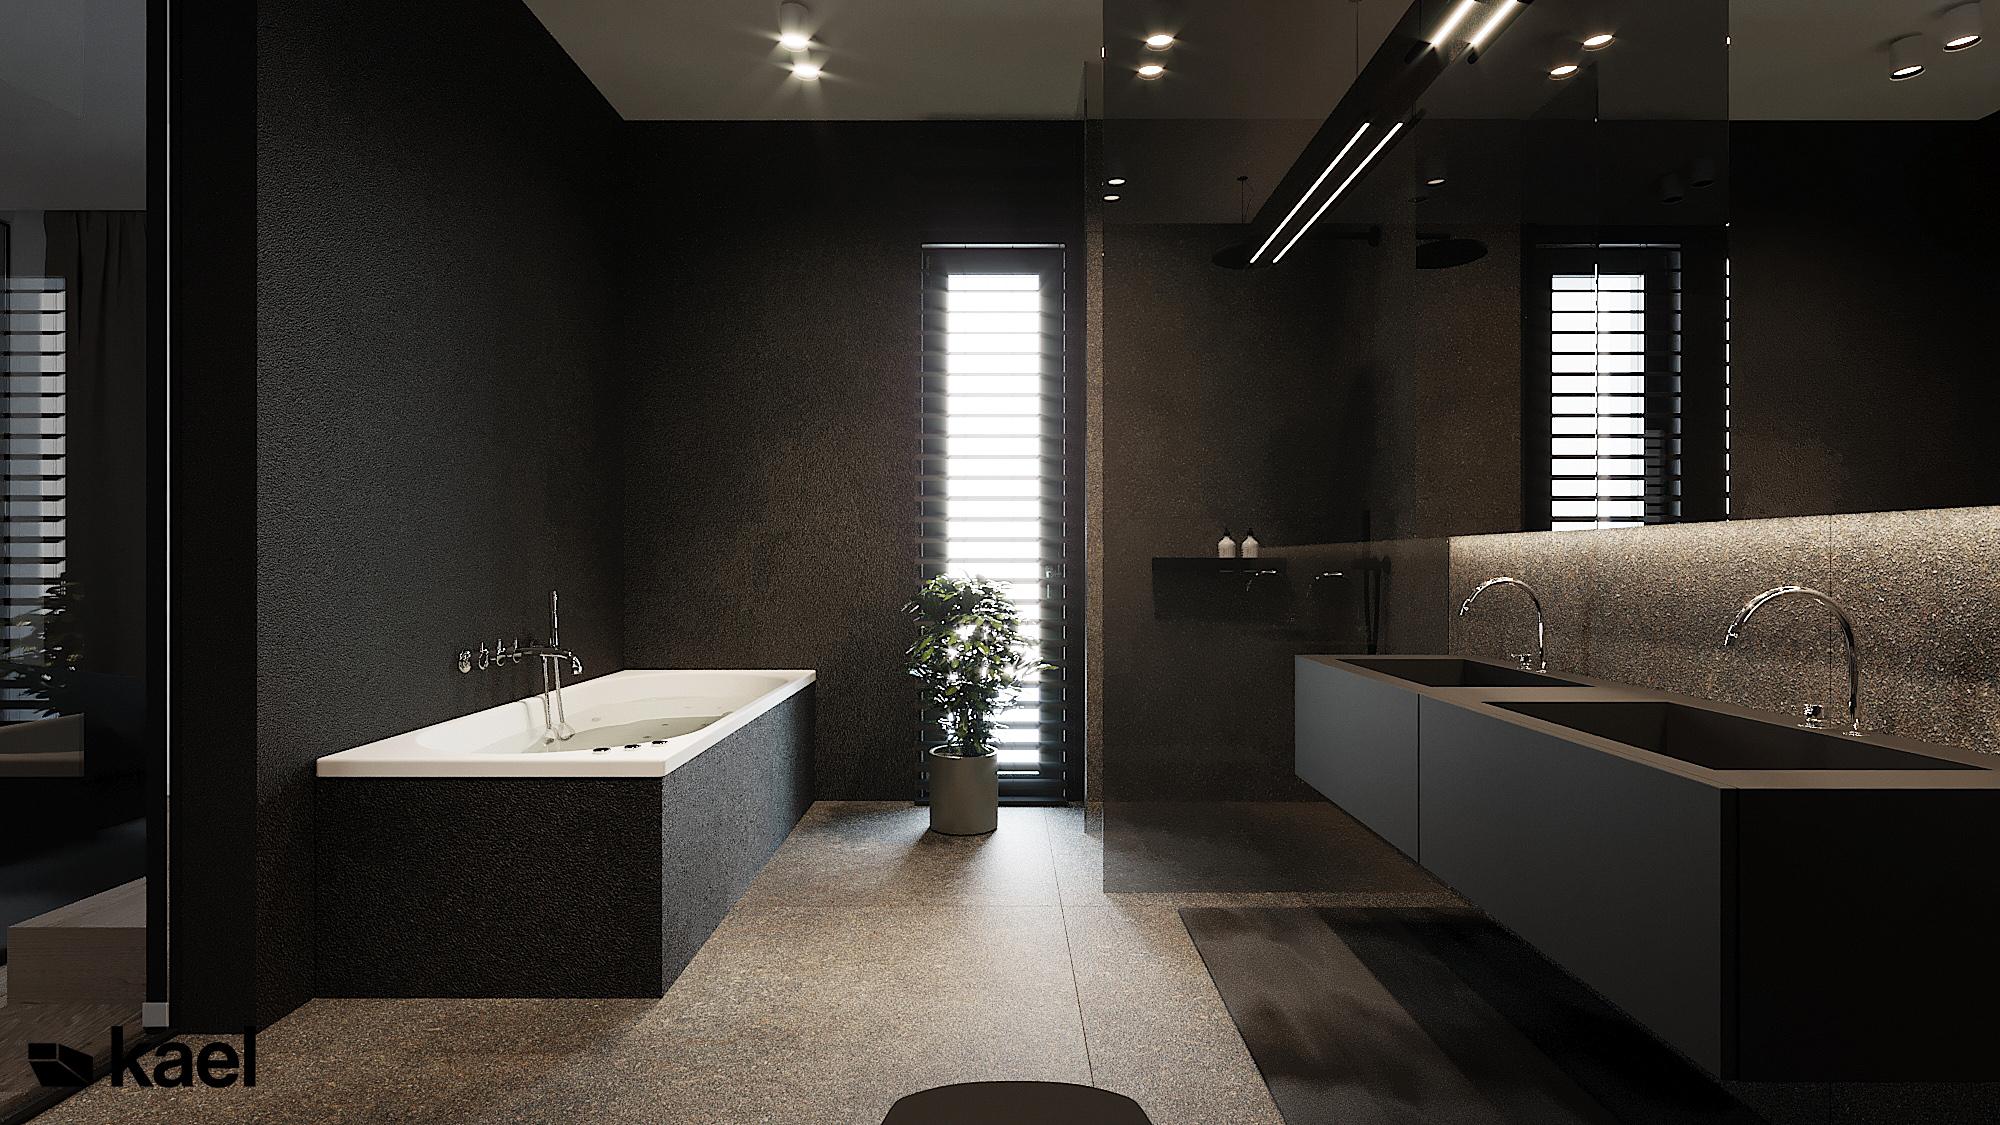 Łazienka - Czumy II - projekt wnętrza domu w zabudowie szeregowej - Kael